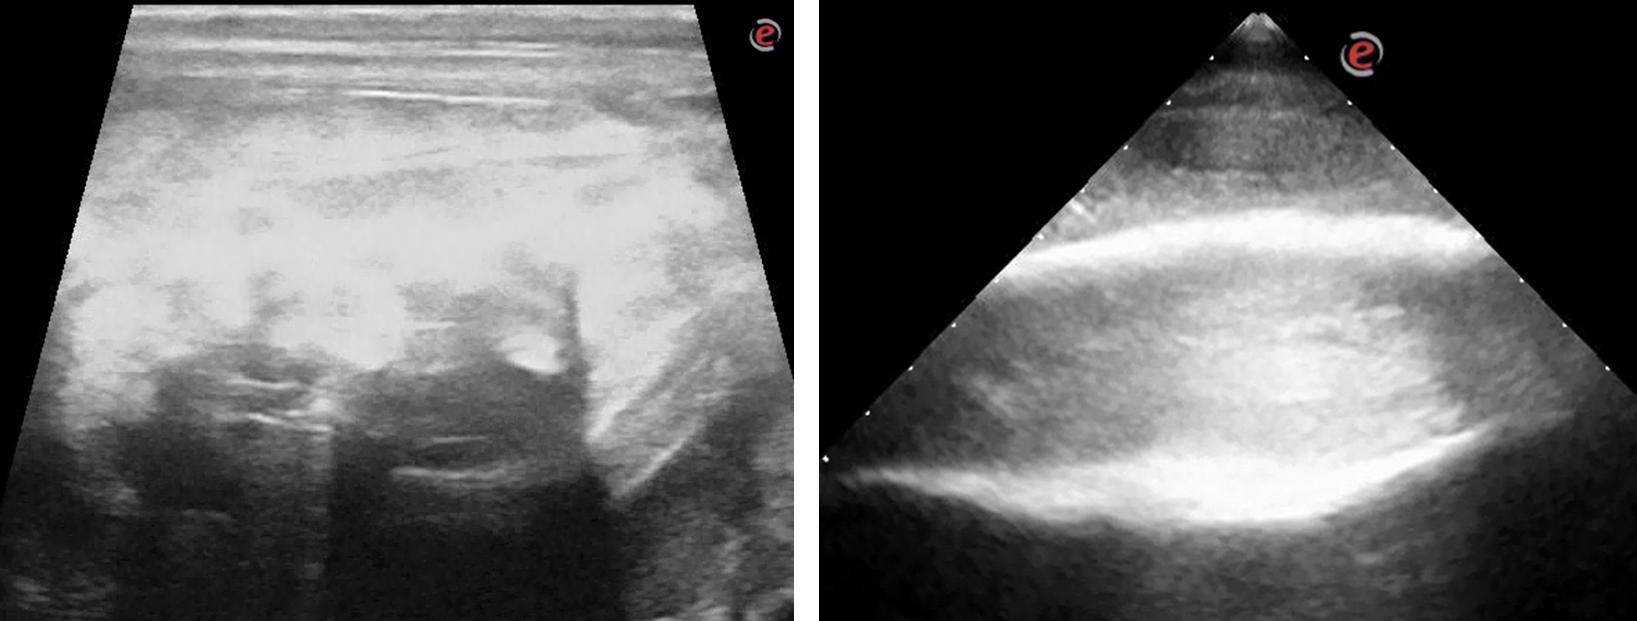 Links: onregelmatig, aangetast bot van de onderkaak. Rechts: glad beeld van een gezonde onderkaak. Let wederom op de hyperreflectie op 2/3 deel van het beeld.